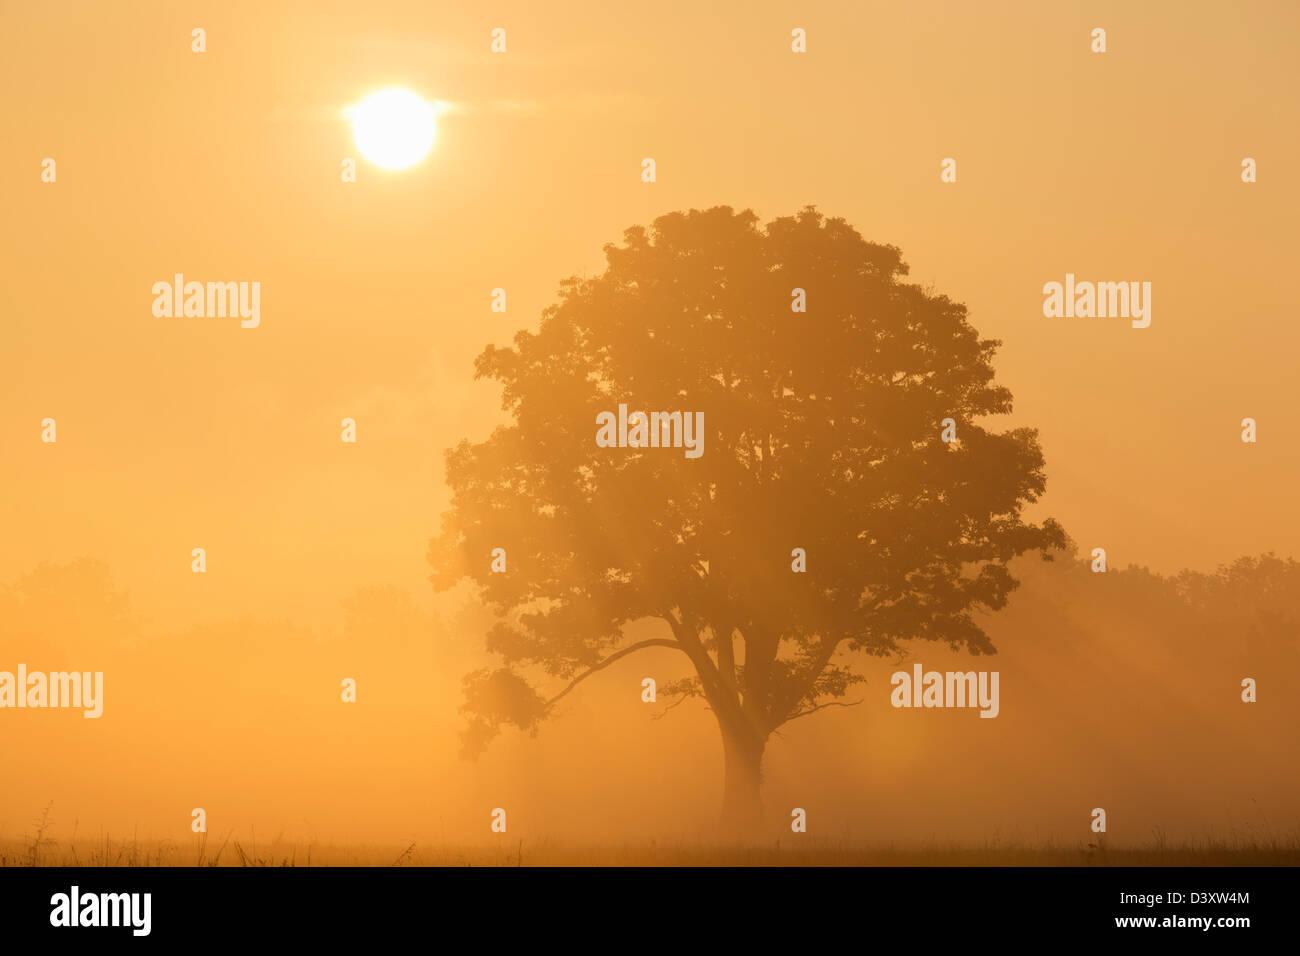 Arbre de chêne au lever du soleil Photo Stock